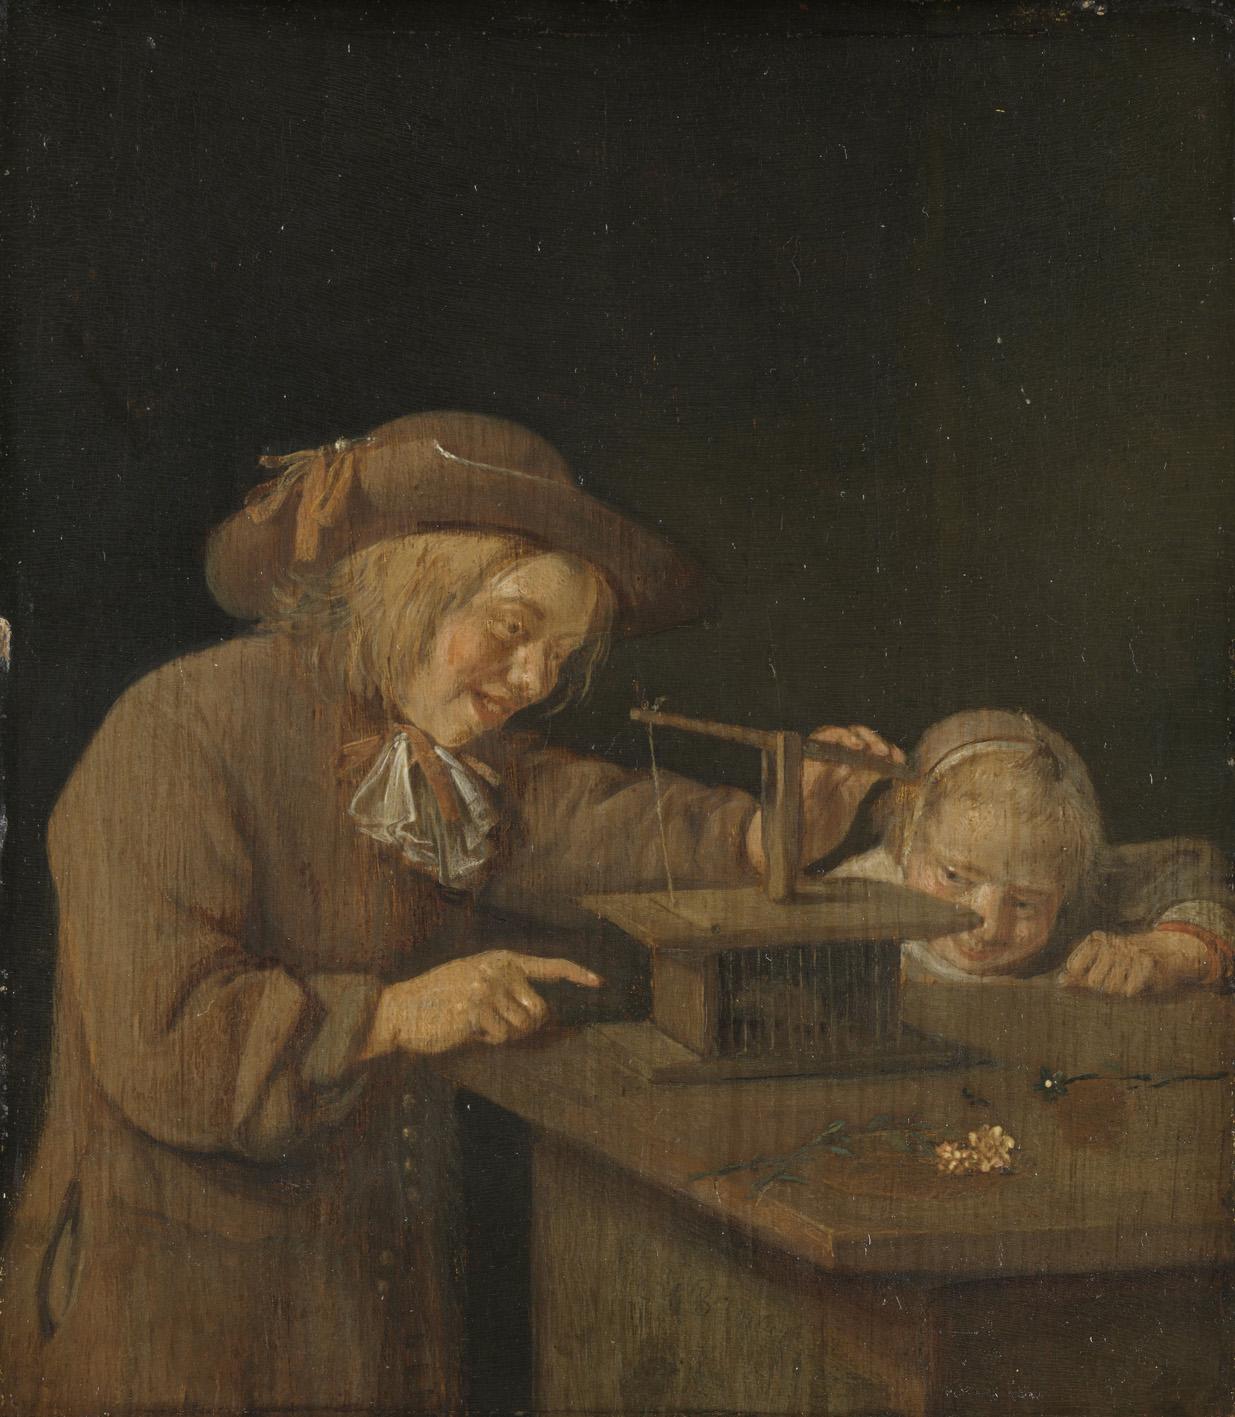 Quiringh van Brekelenkam, Die Mausefalle, Rijksmsueum, Amsterdam